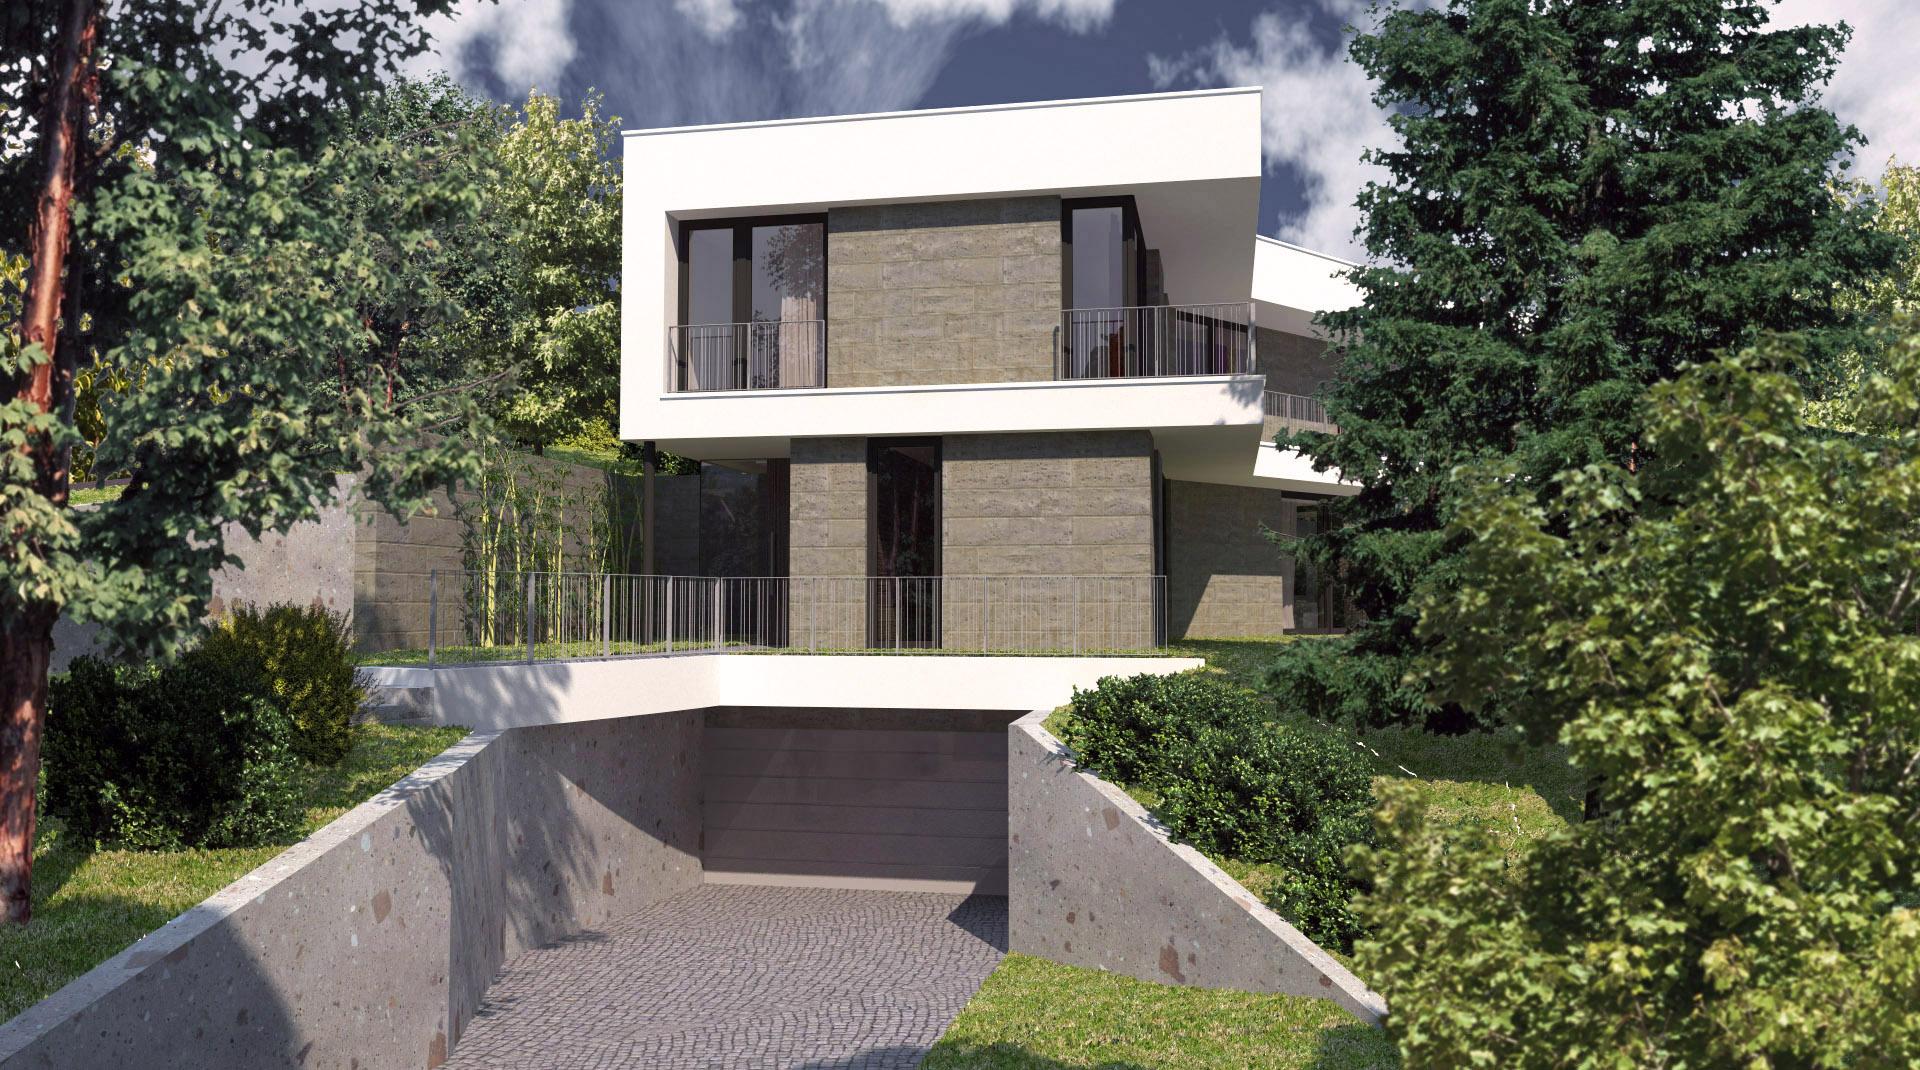 Budai családi ház  2014  Építészet Ivony Balázs, belsőépítészet Halmos Sarolta, Sáfrán Dóra